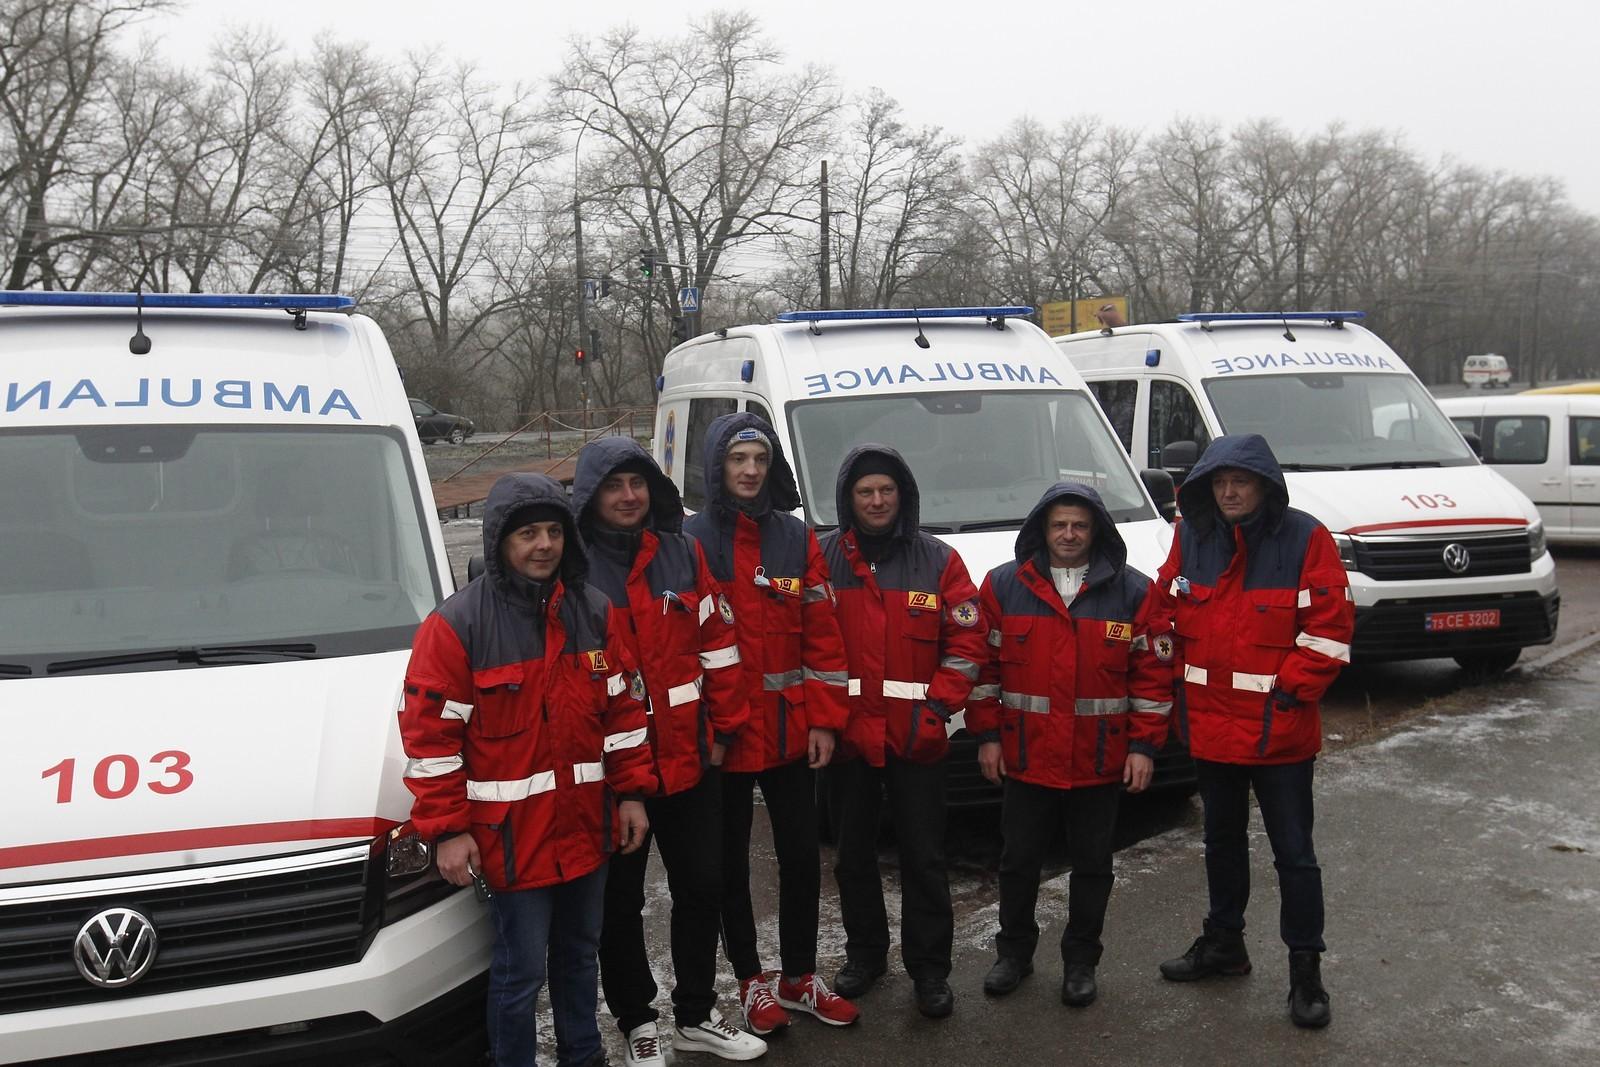 У Чернігові відкрили осучаснений Центр екстреної медичної допомоги та медицини катастроф (Фото)